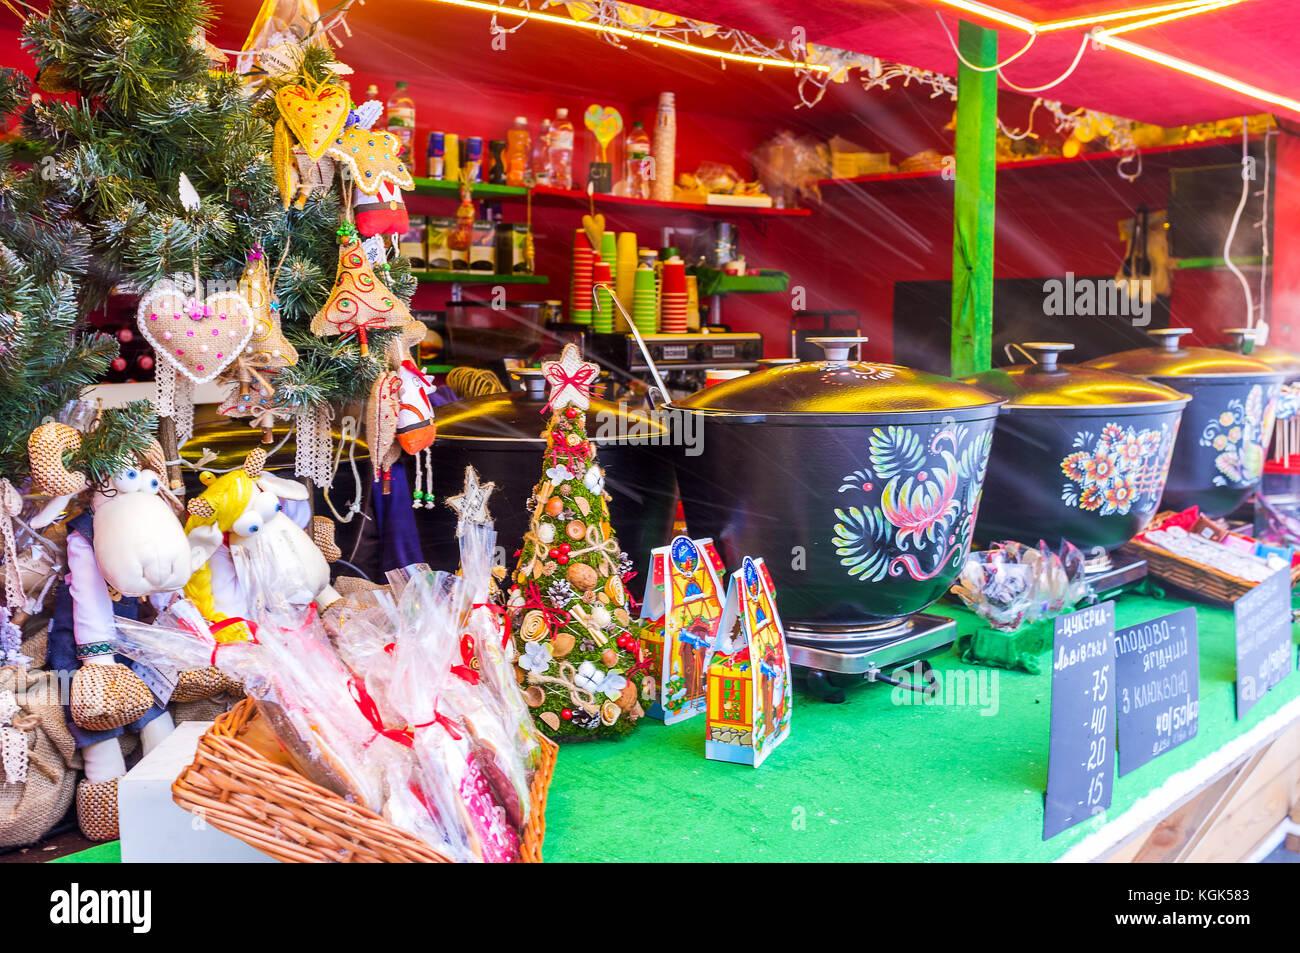 Kiew, Ukraine - Januar 4, 2017: Der Glühwein ist das beliebteste Getränk in der Weihnachtsmarkt am 4. Januar in Stockfoto